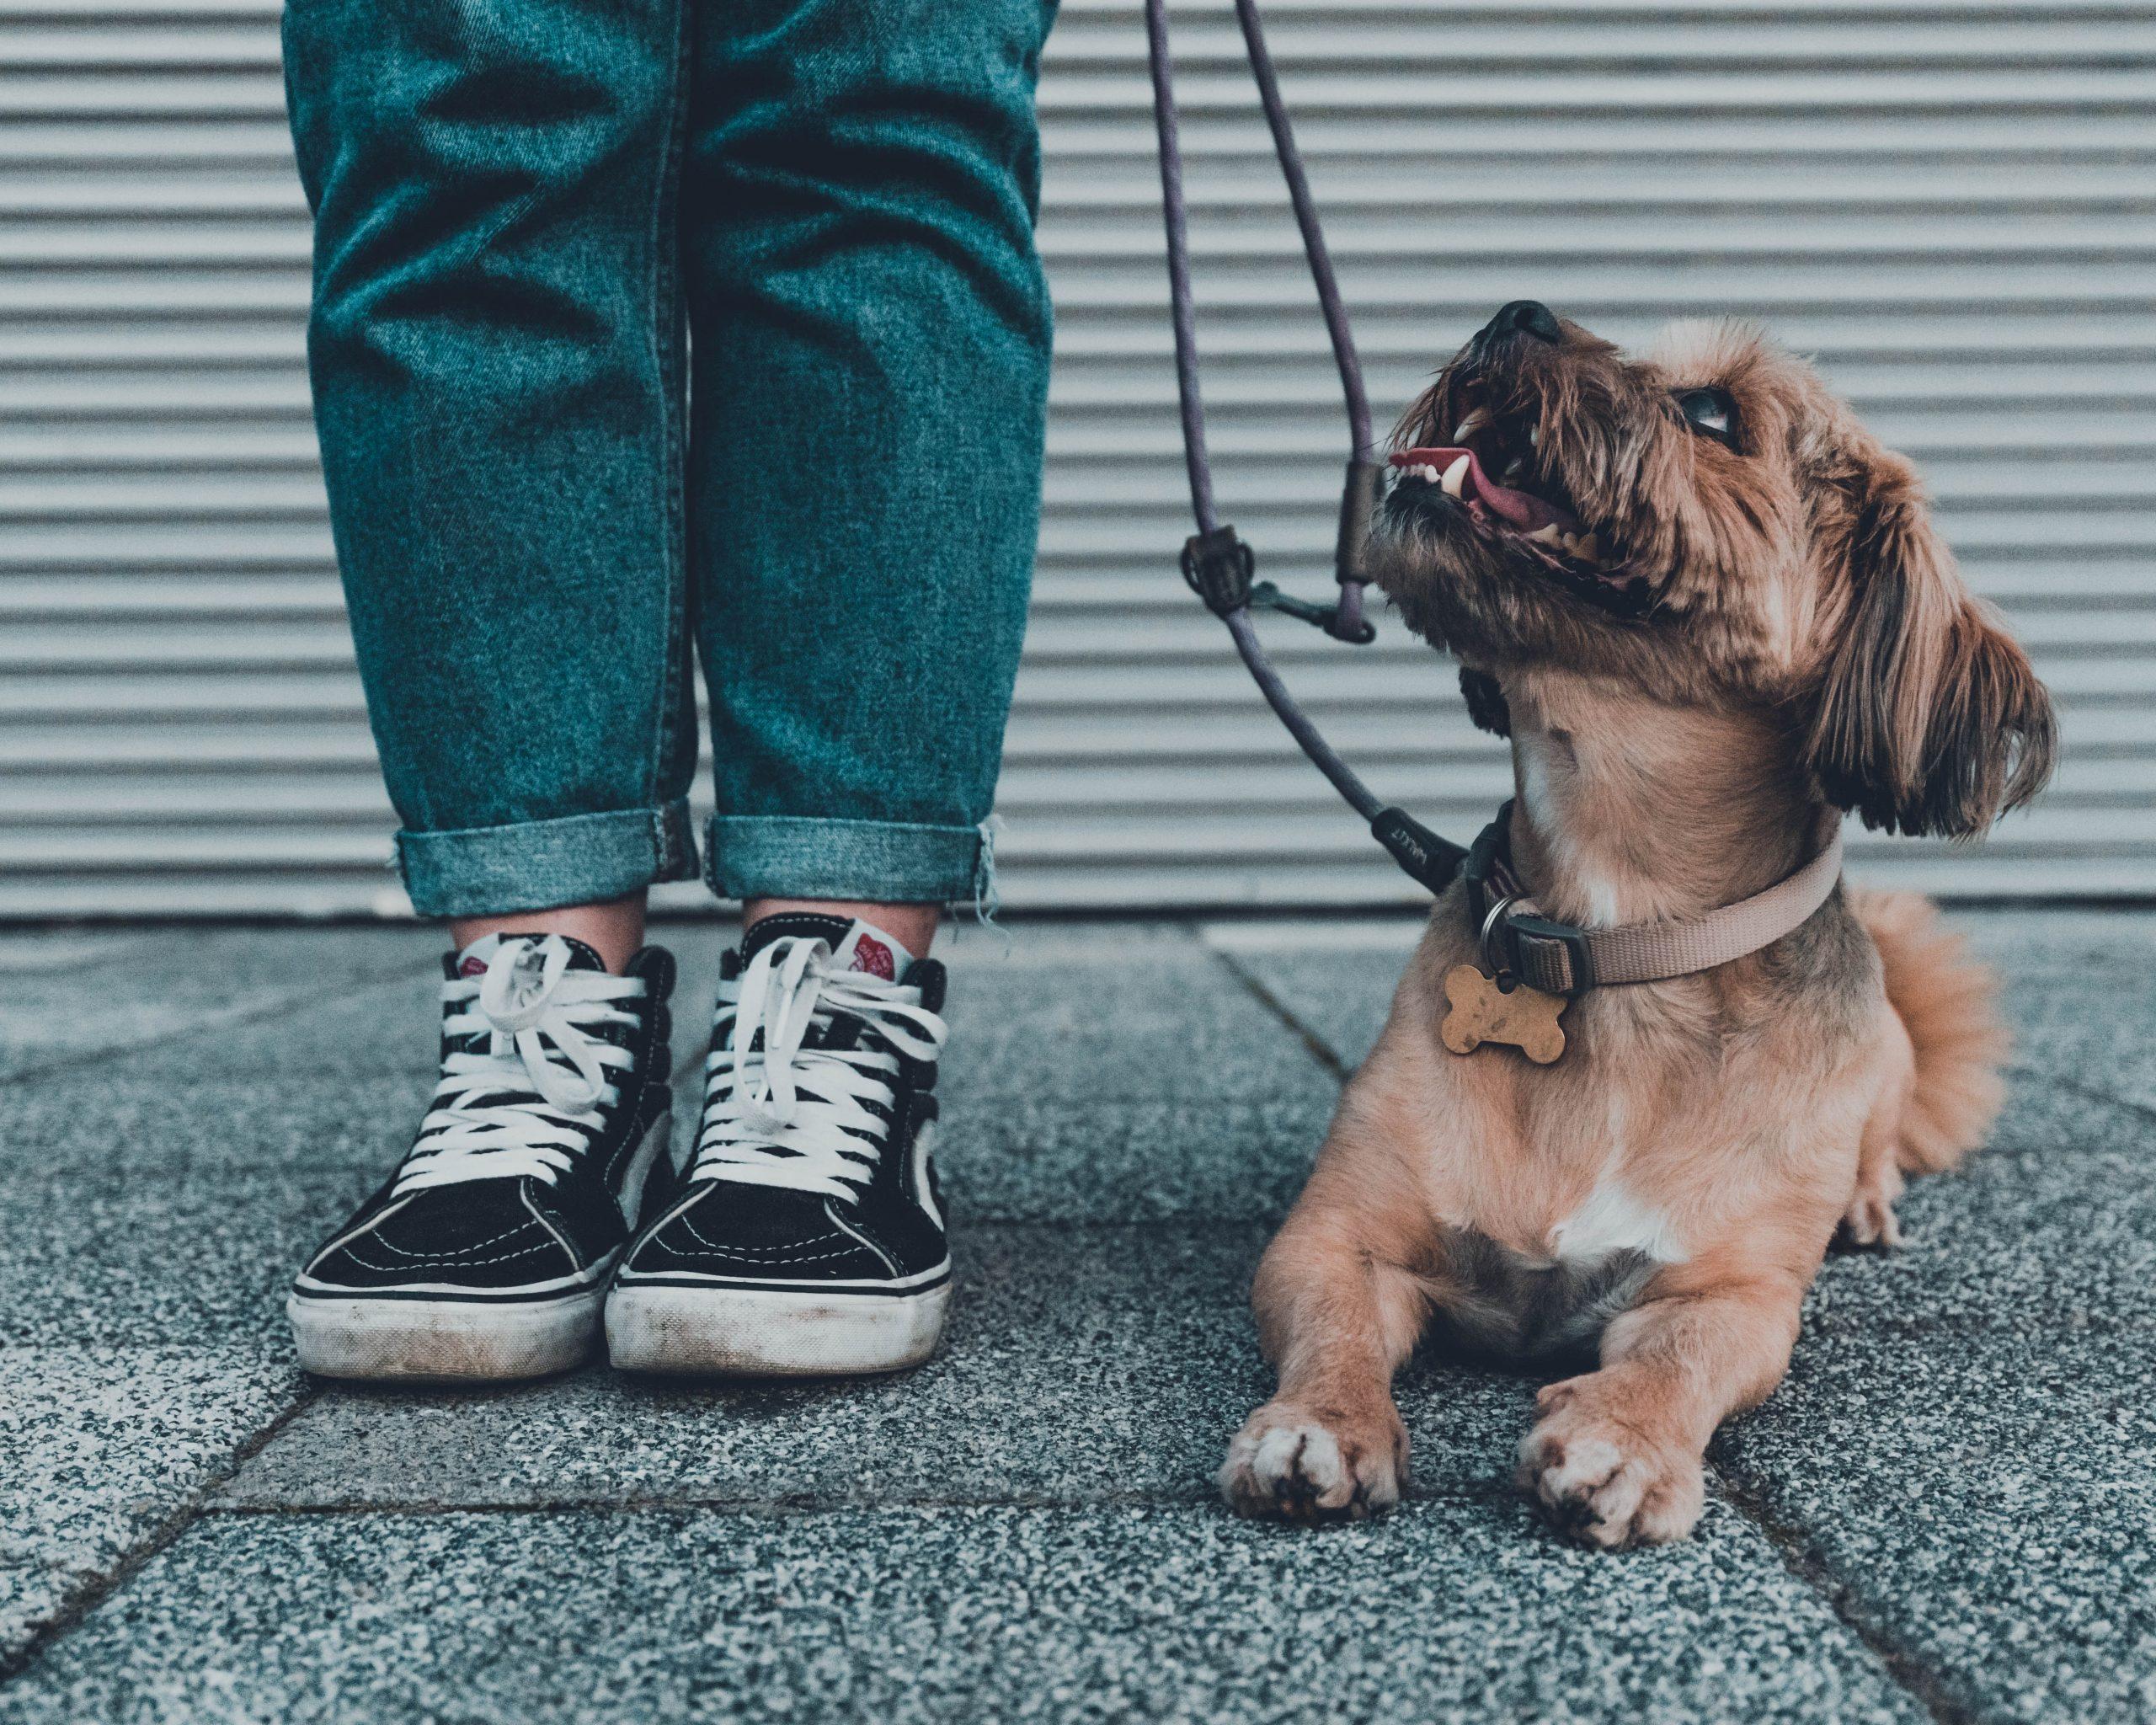 cours éducation canine urbaine gratuit toulouse